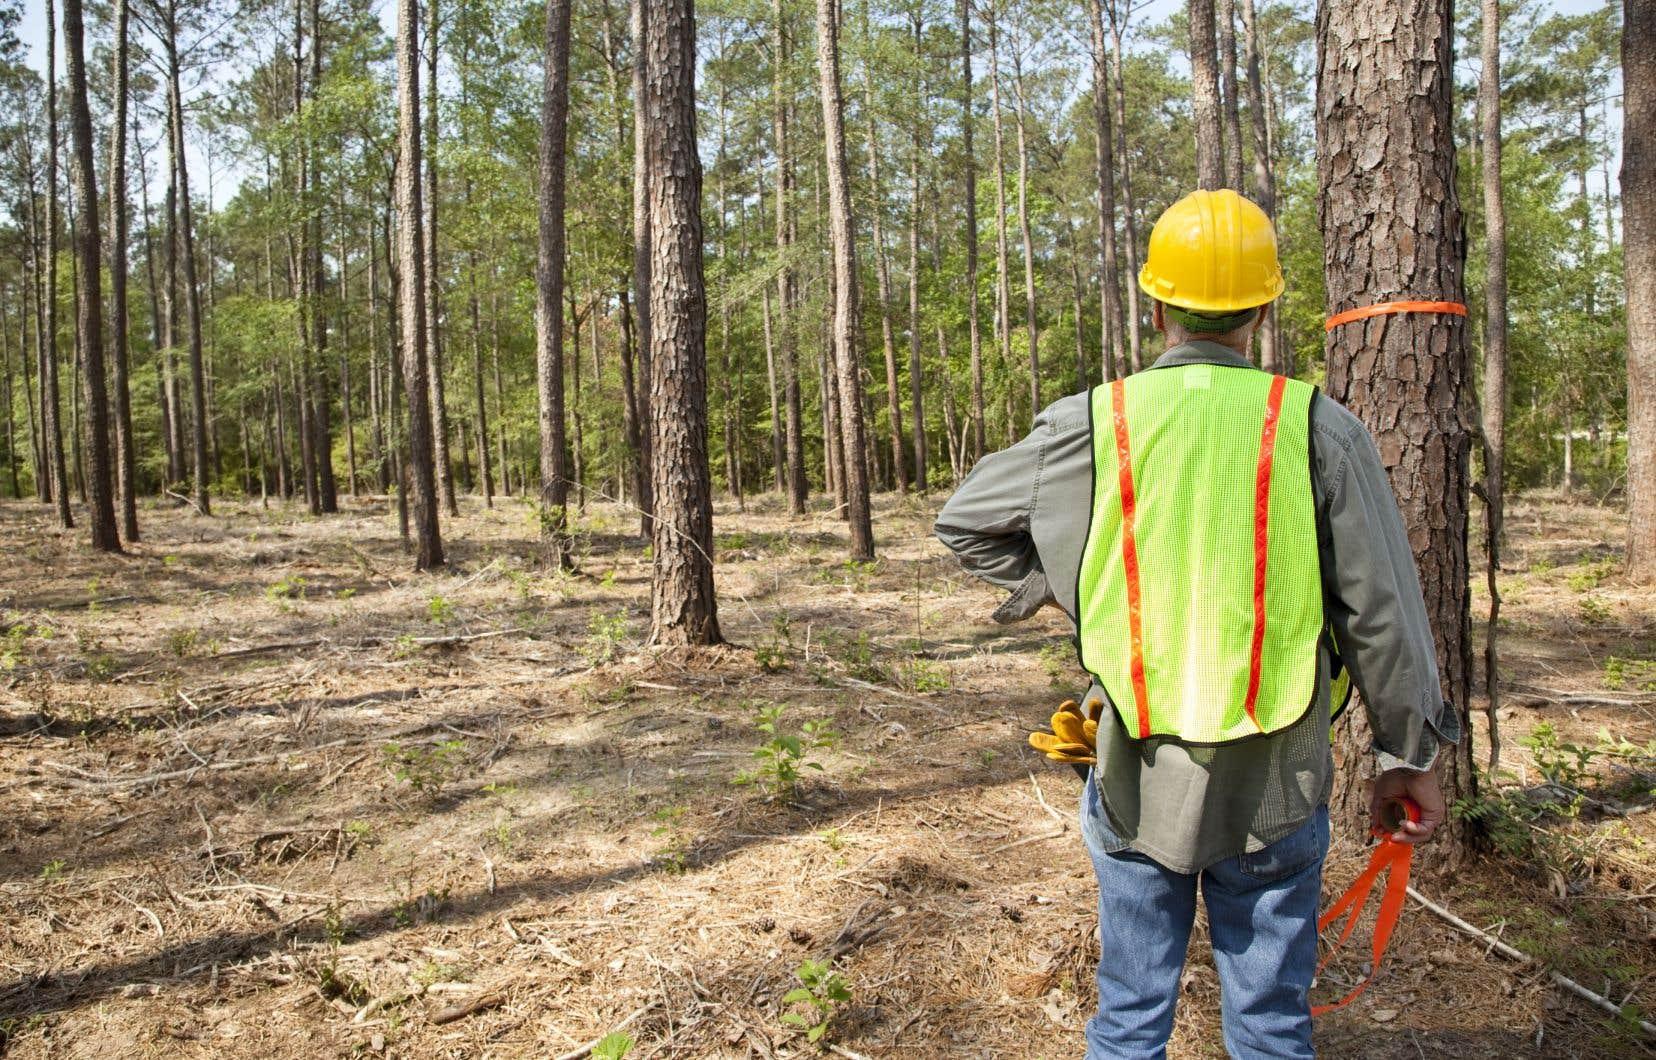 «Il est indispensable de reconnaître le rôle que jouent les ouvriers sylvicoles dans l'aménagement forestier et de leur assurer des conditions de travail décentes», affirment les auteurs.